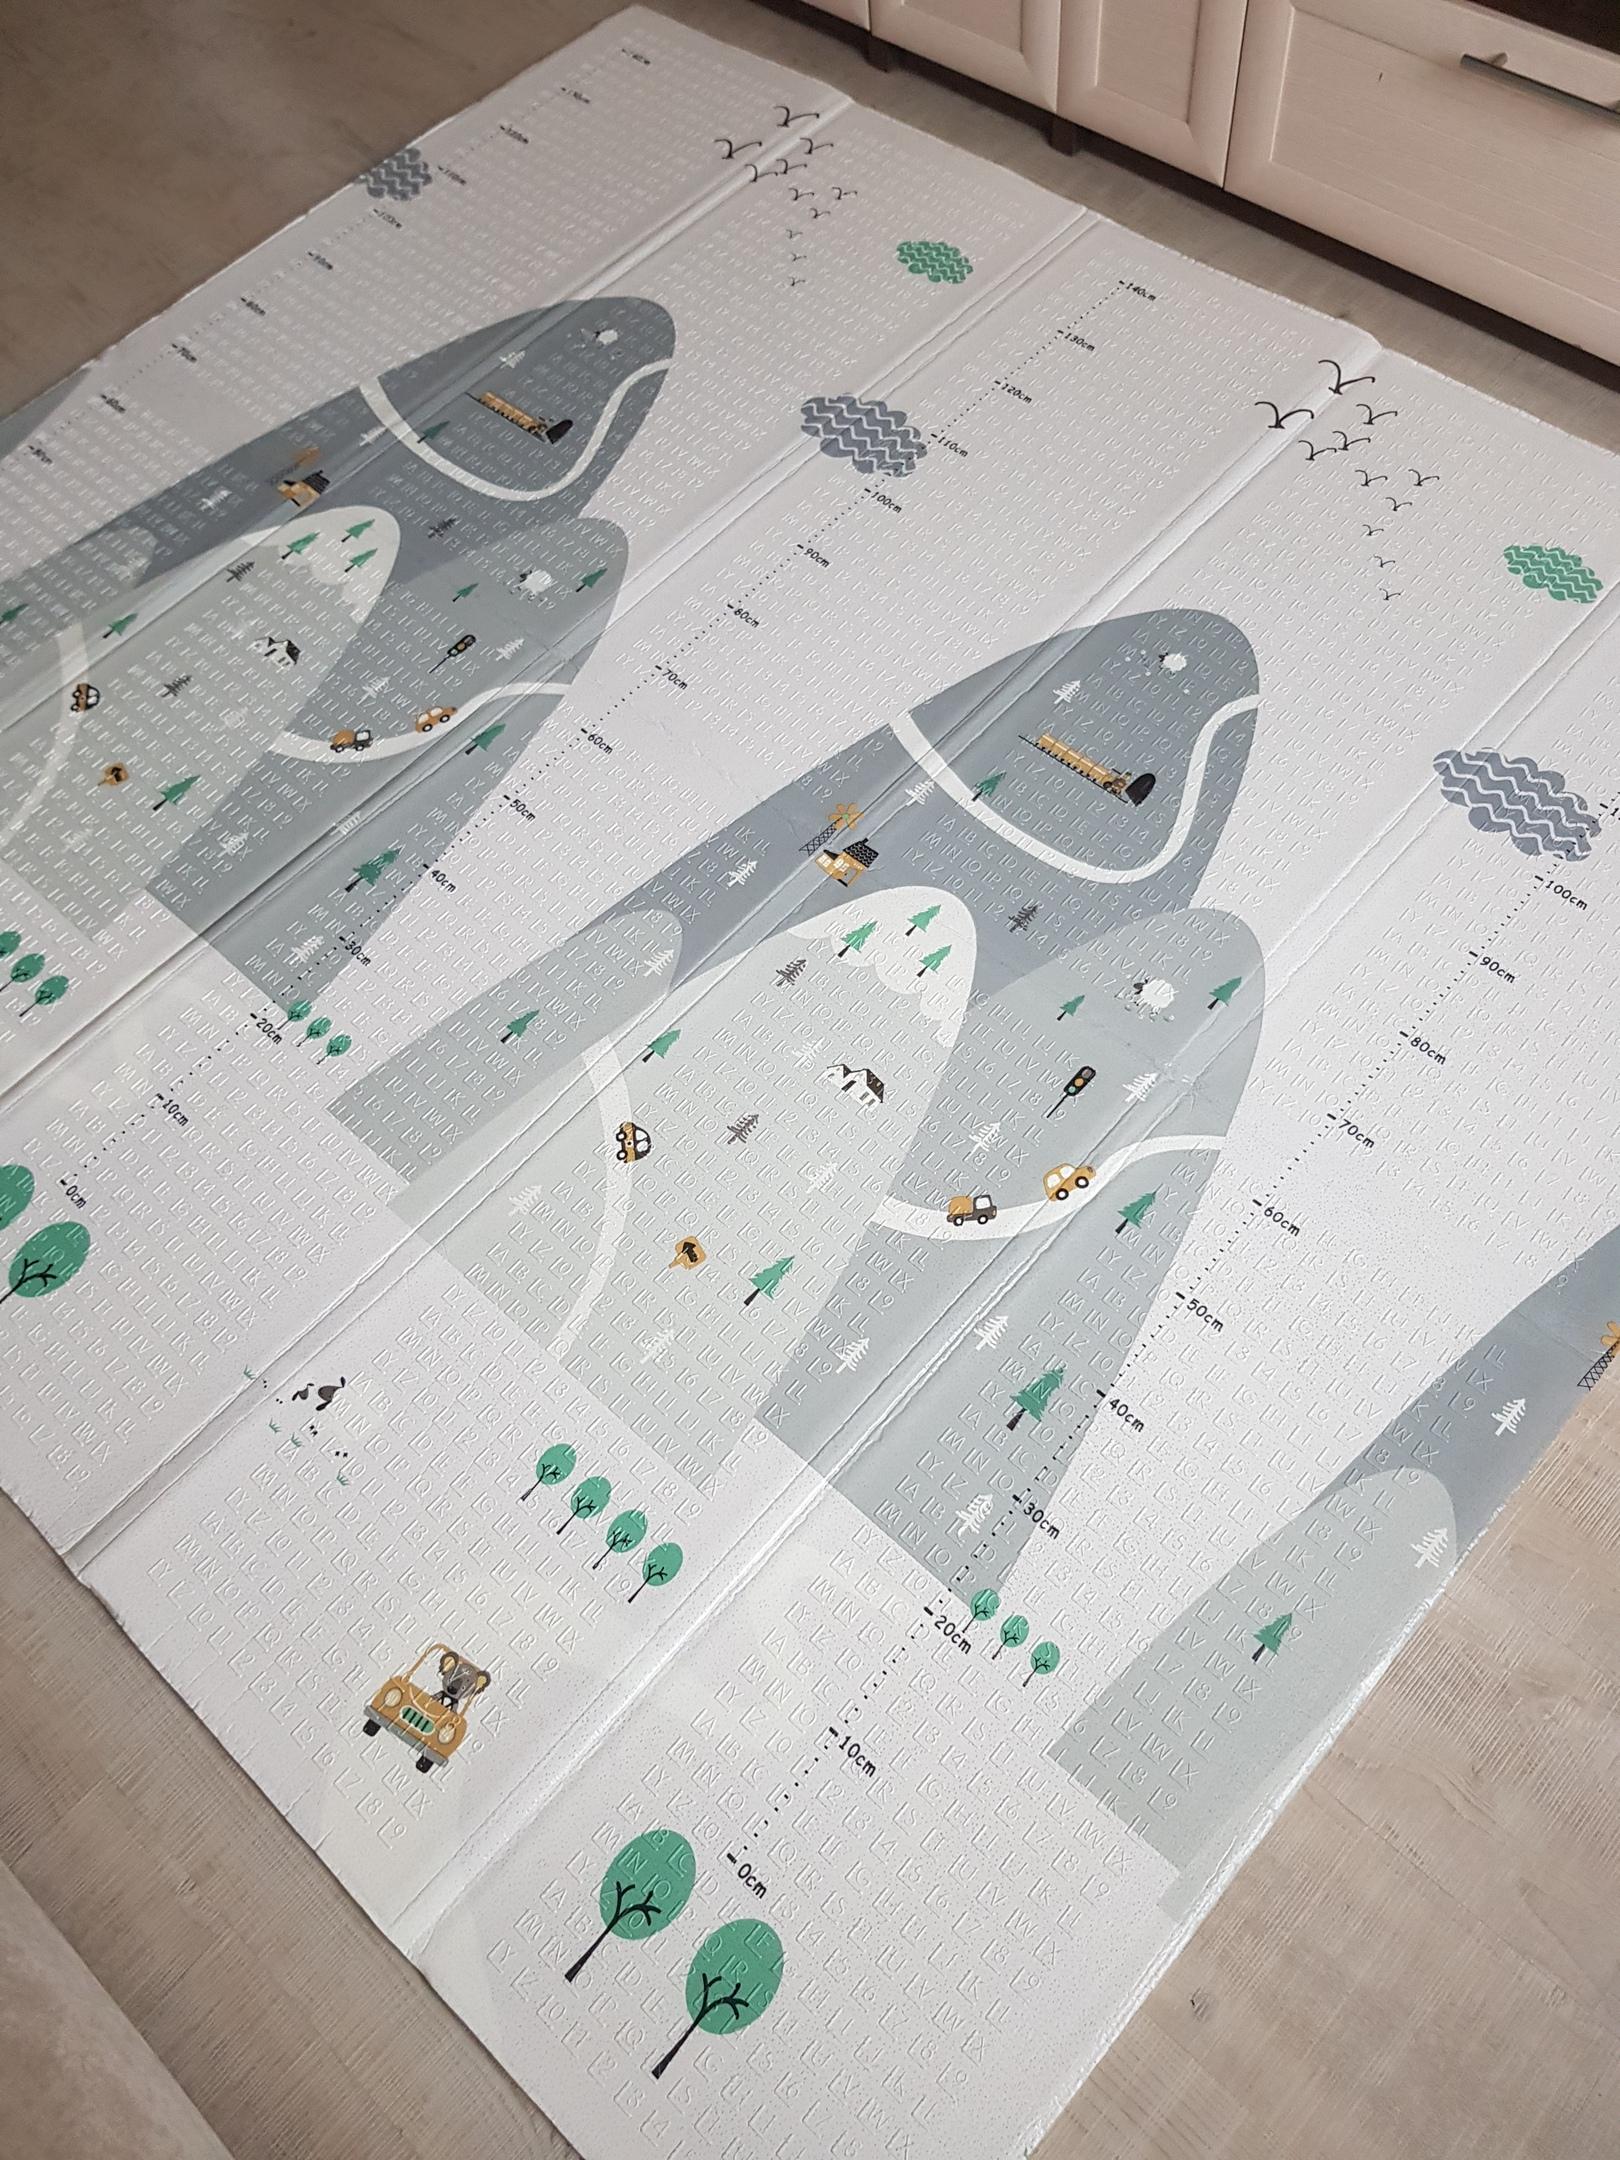 Складной коврик XPE «Холмы и мишки» Размер 200x180x1 см